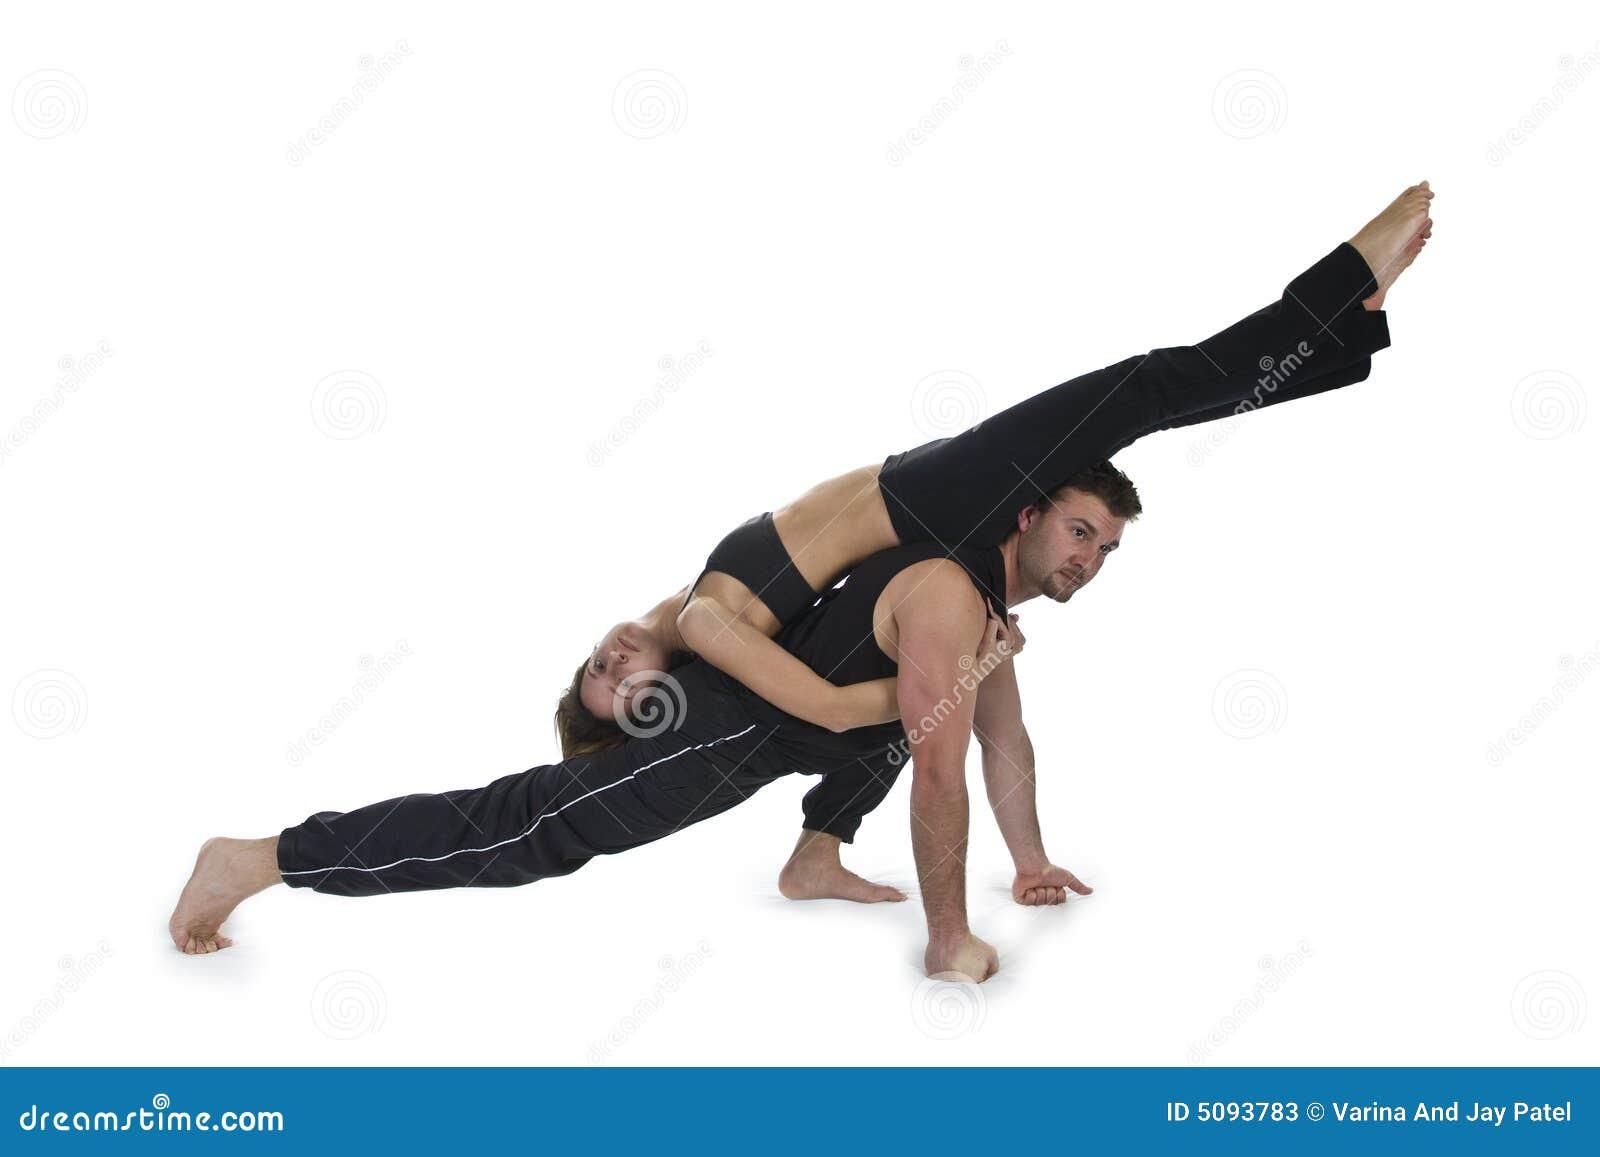 ultimo libro letto  Yoga-per-due-serie-5093783